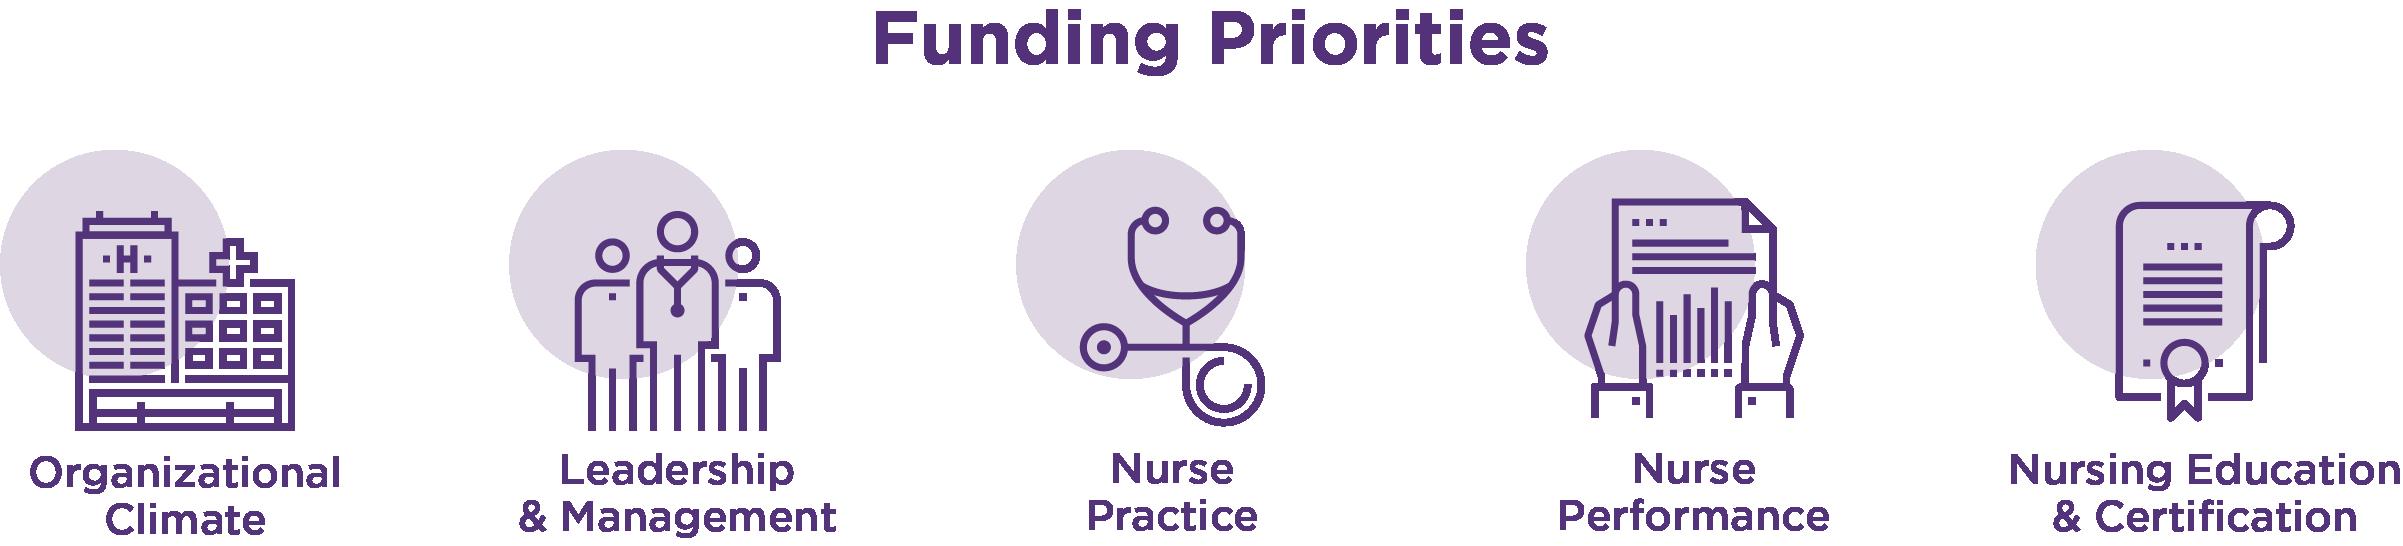 FundingPriorities